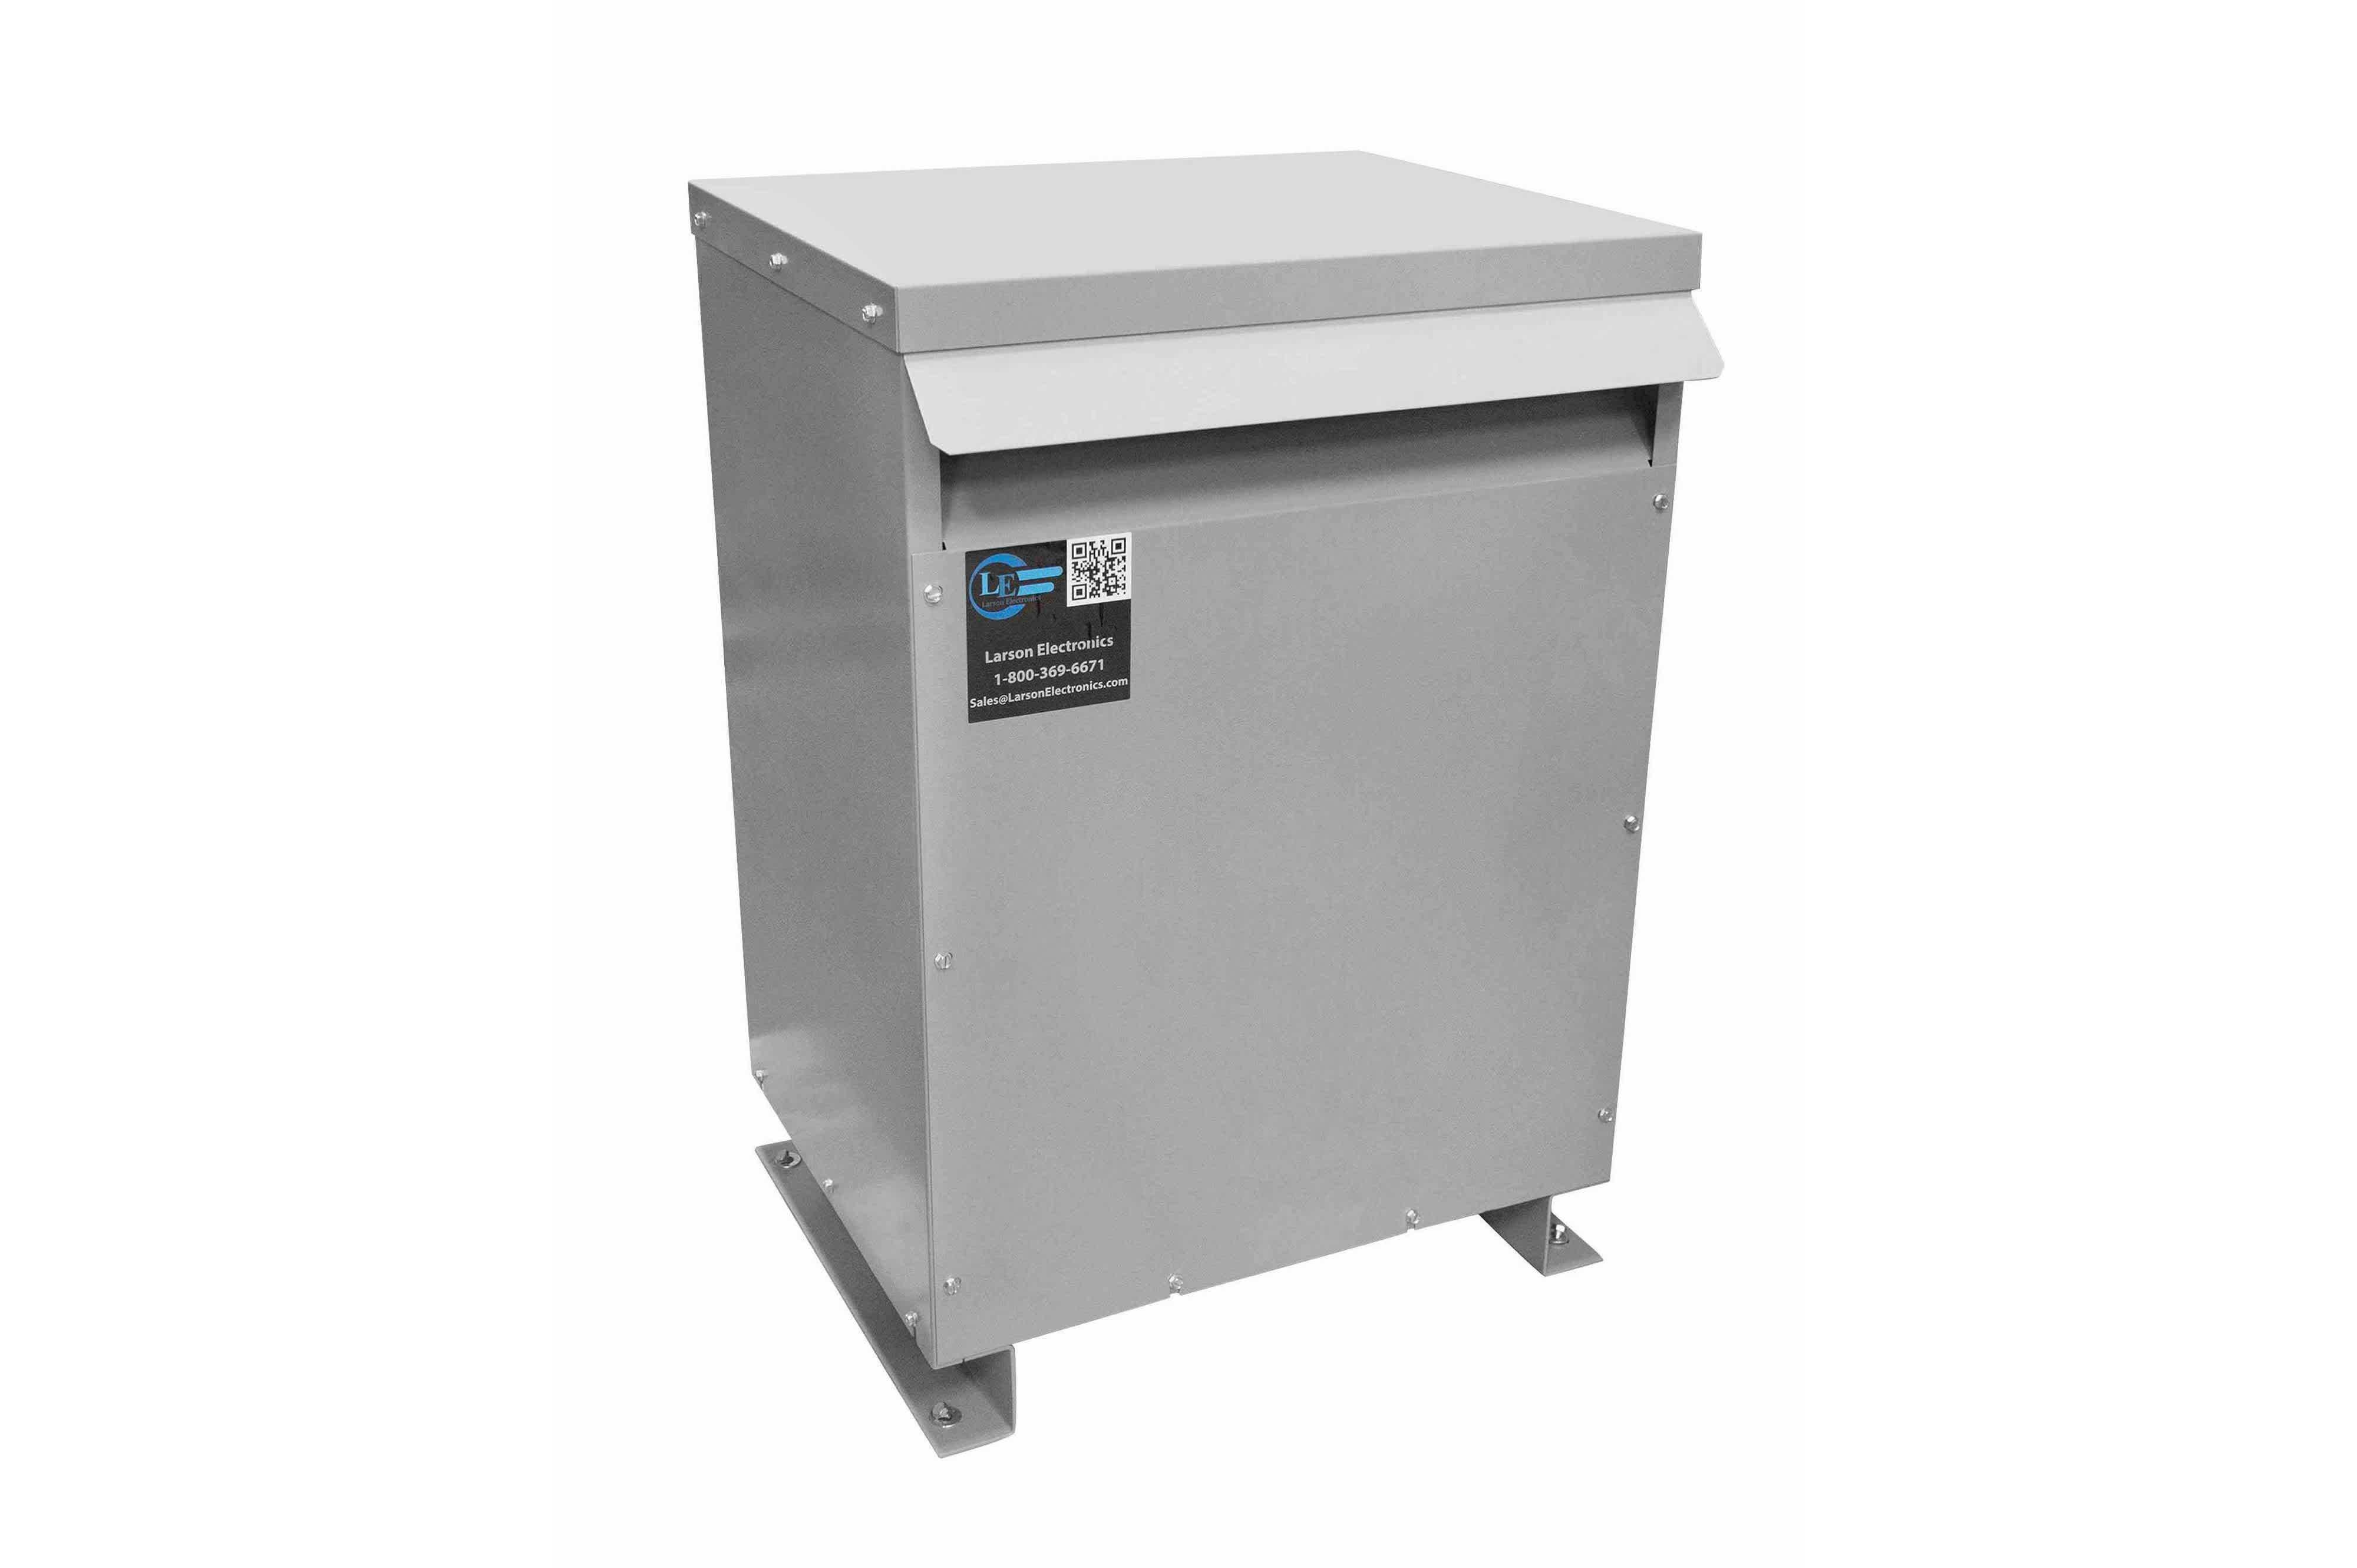 12 kVA 3PH Isolation Transformer, 415V Delta Primary, 240 Delta Secondary, N3R, Ventilated, 60 Hz